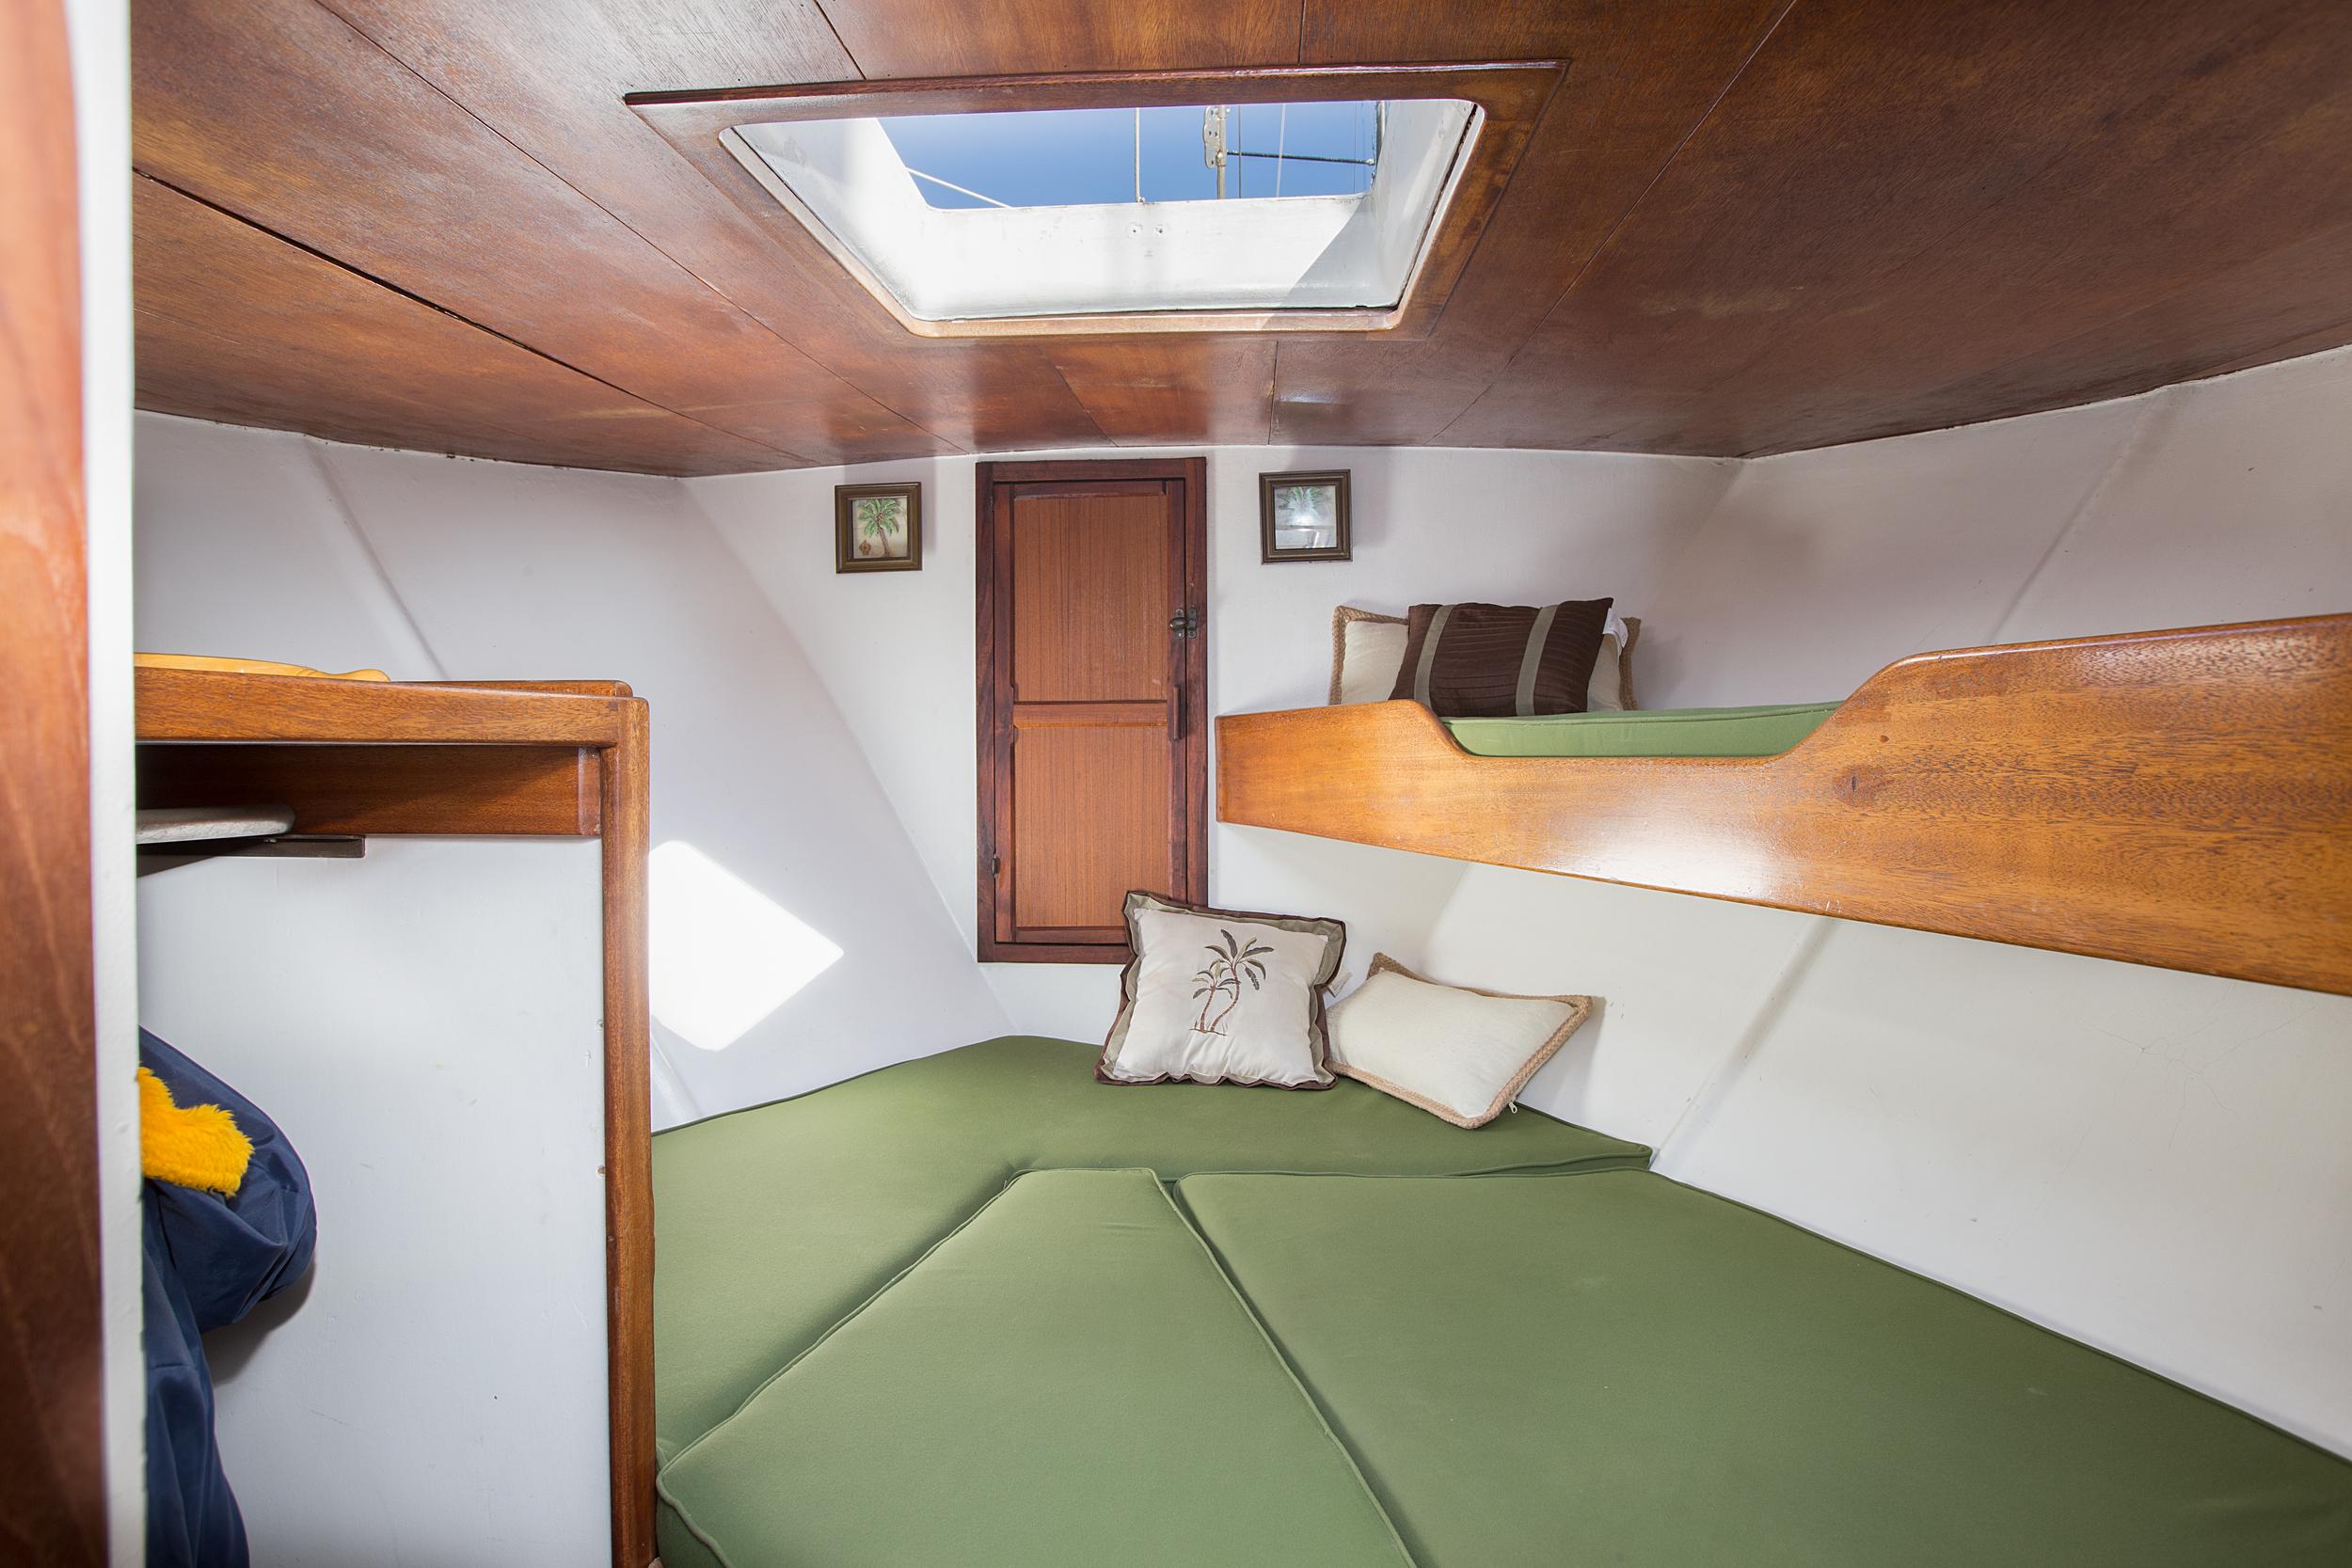 V- Berth Bed